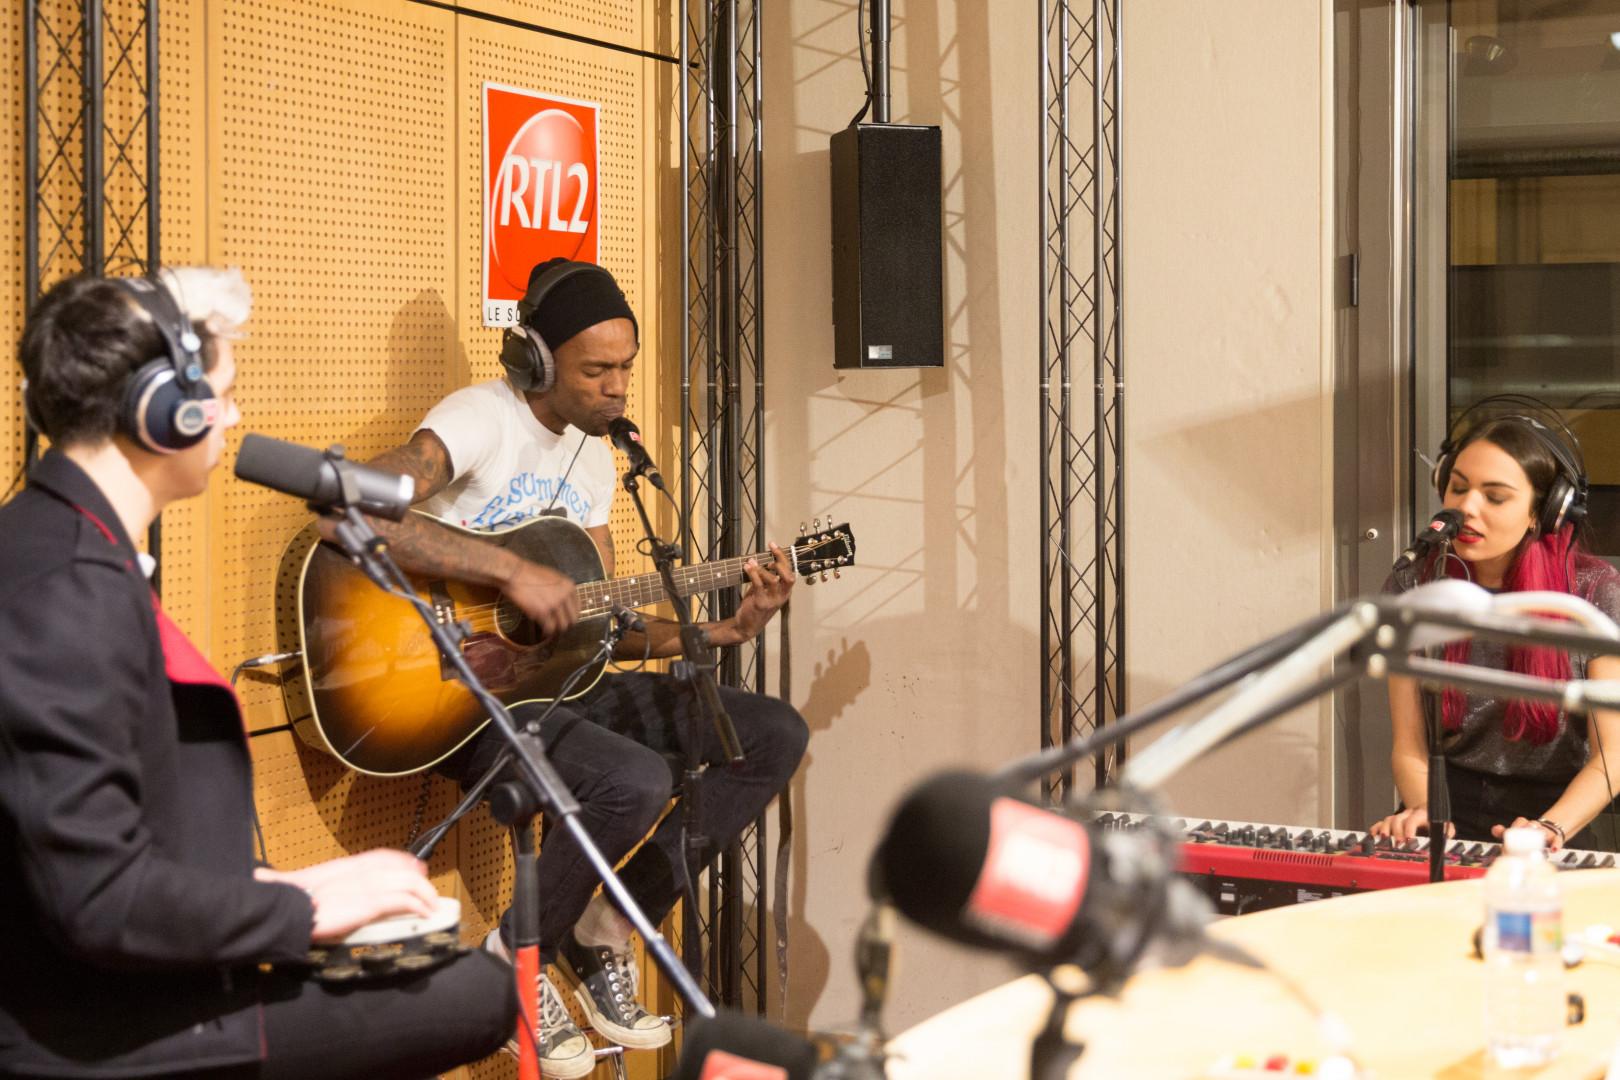 Mat Bastard en session acoustique dans les studios de RTL2